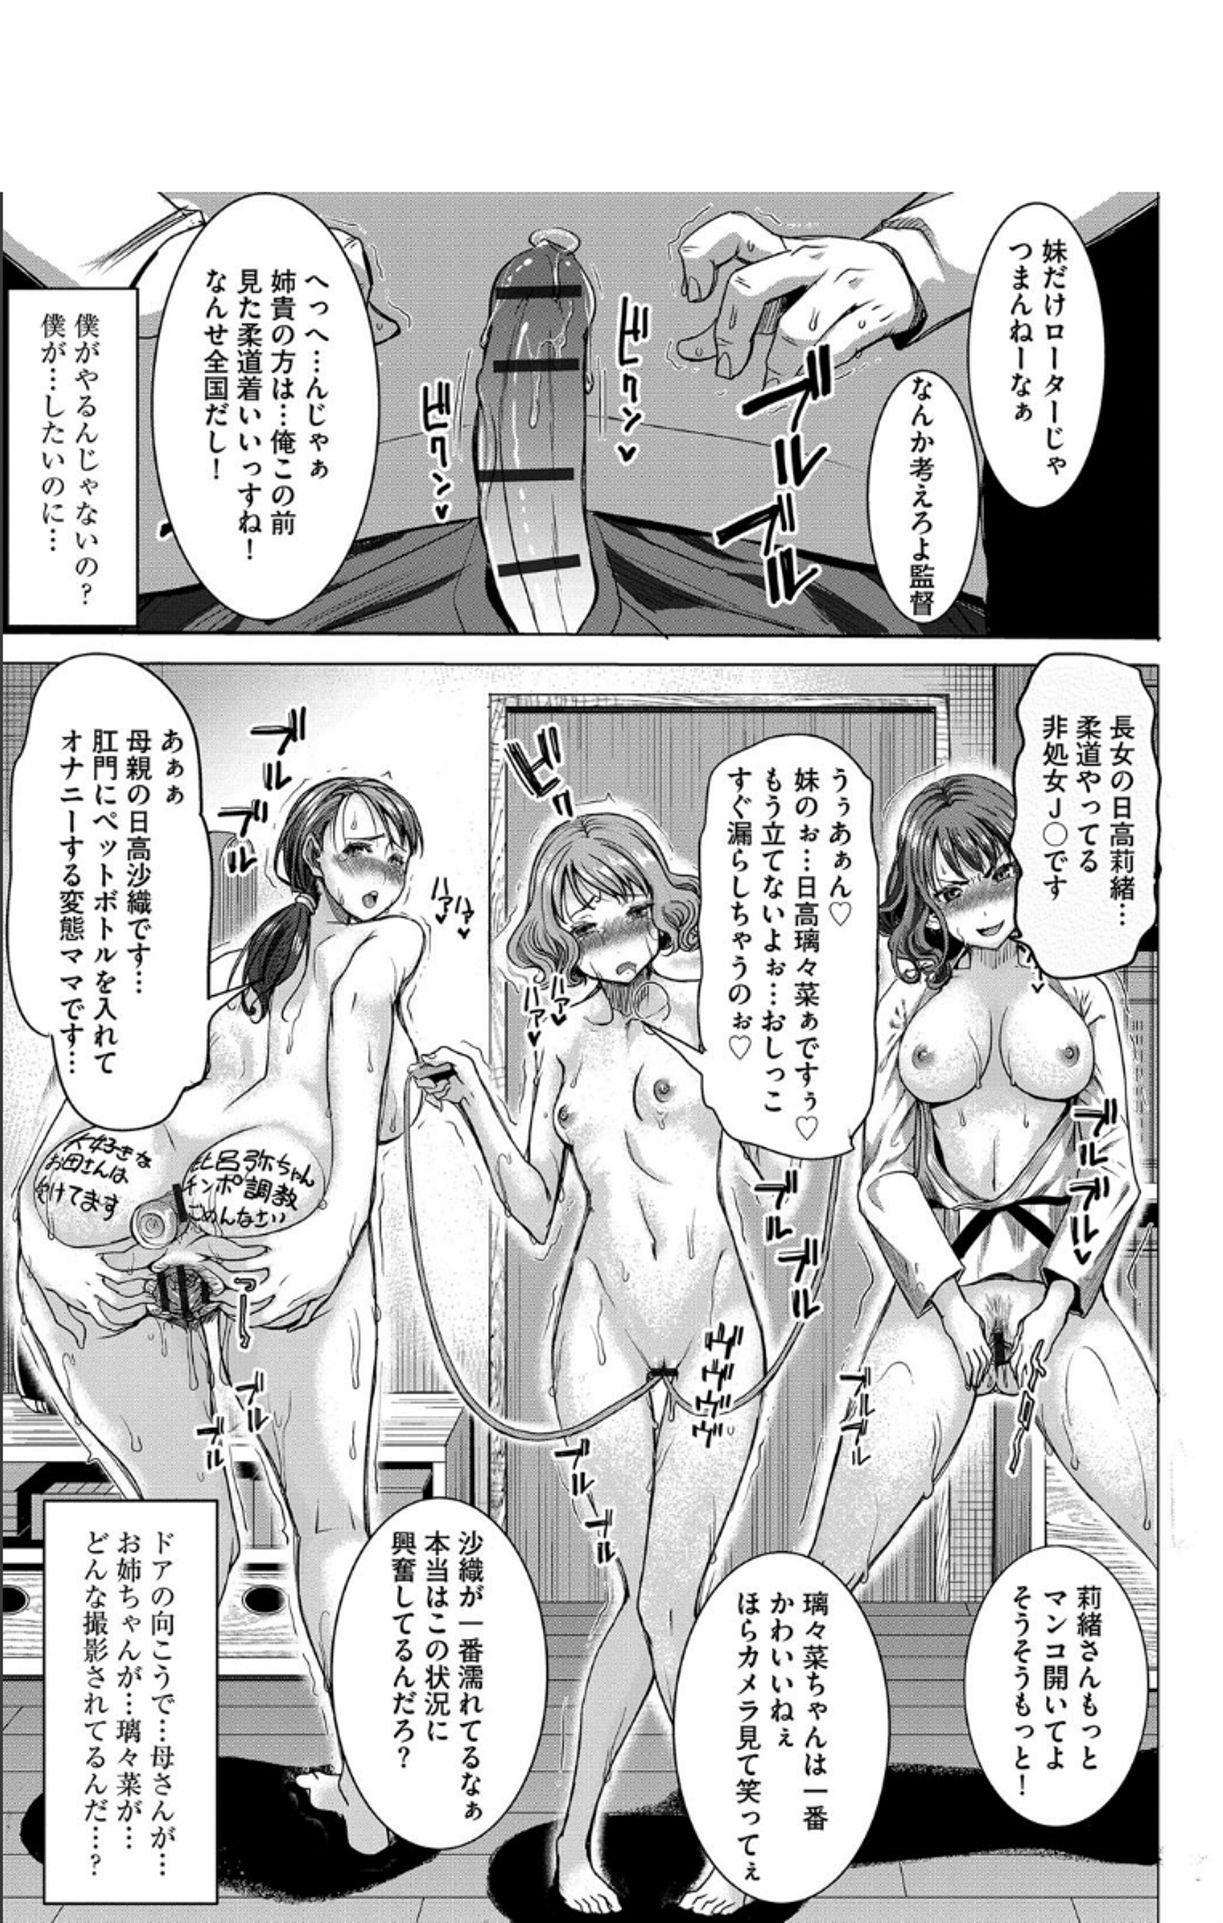 Boku no Kazoku o Sarashimasu + DMM Gentei Tokuten Paper 123